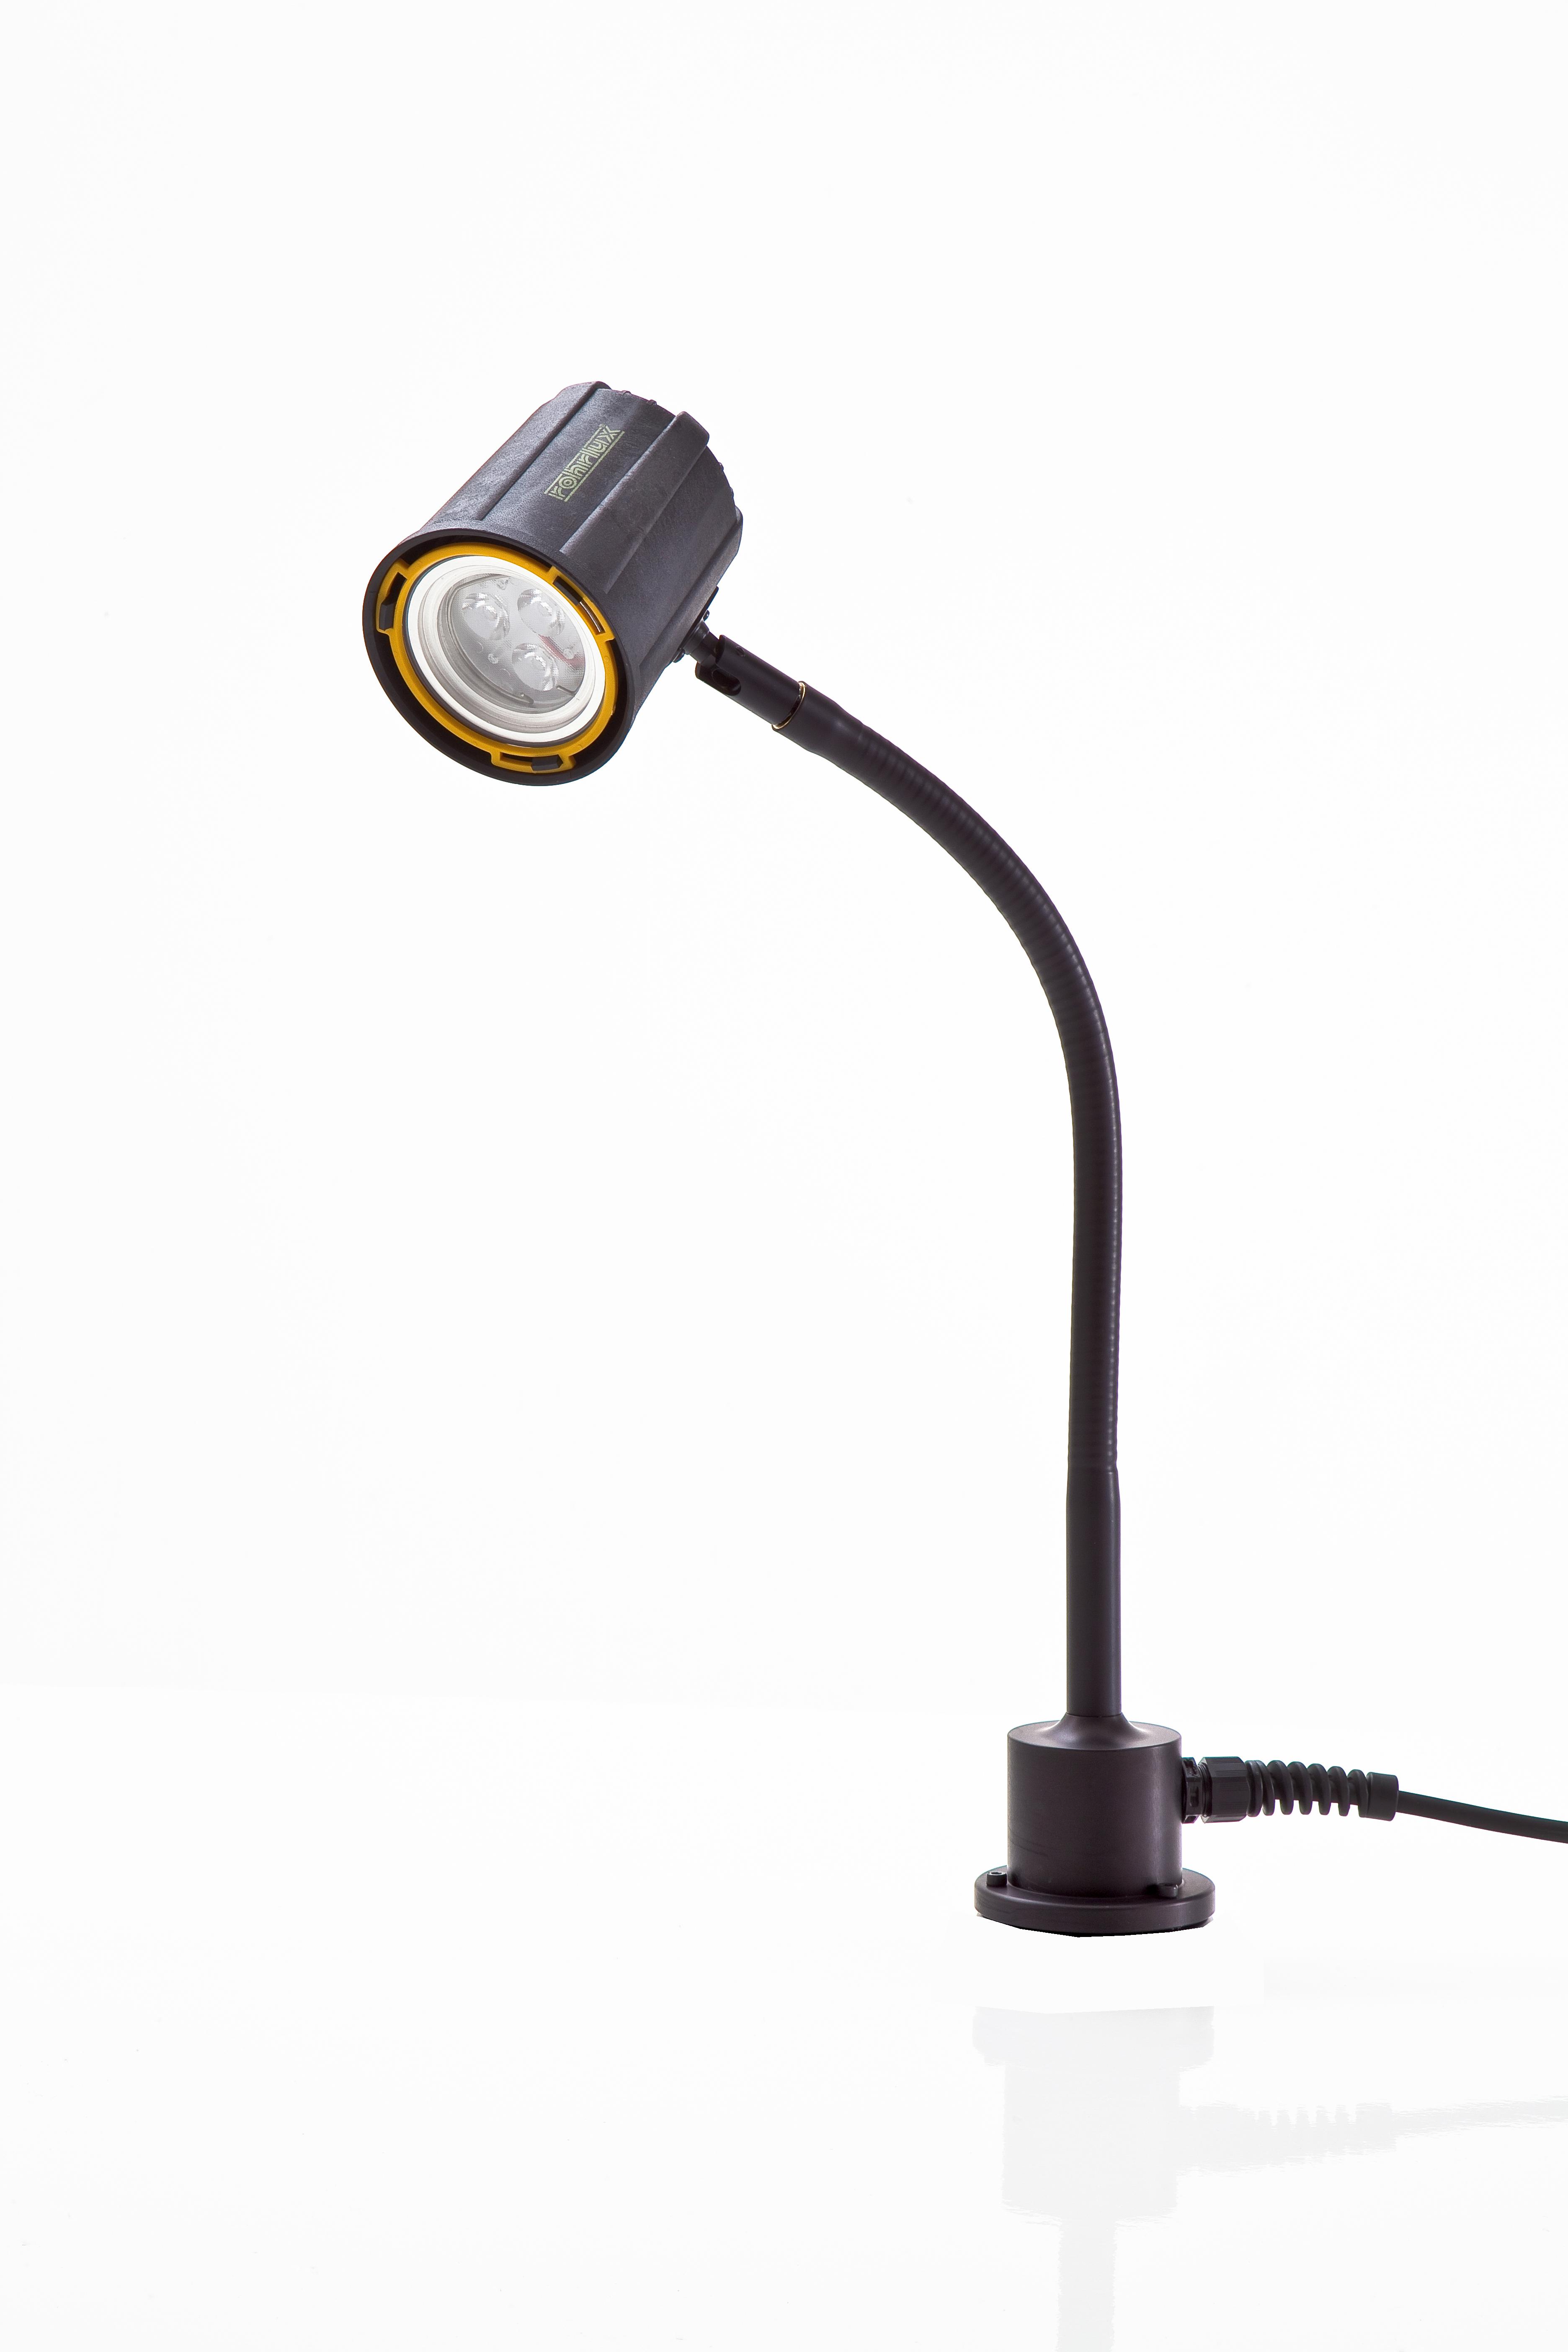 Serie 63: 10°/ Flex 400 mm/ Standfuß/ 12-24 Volt AC/DC